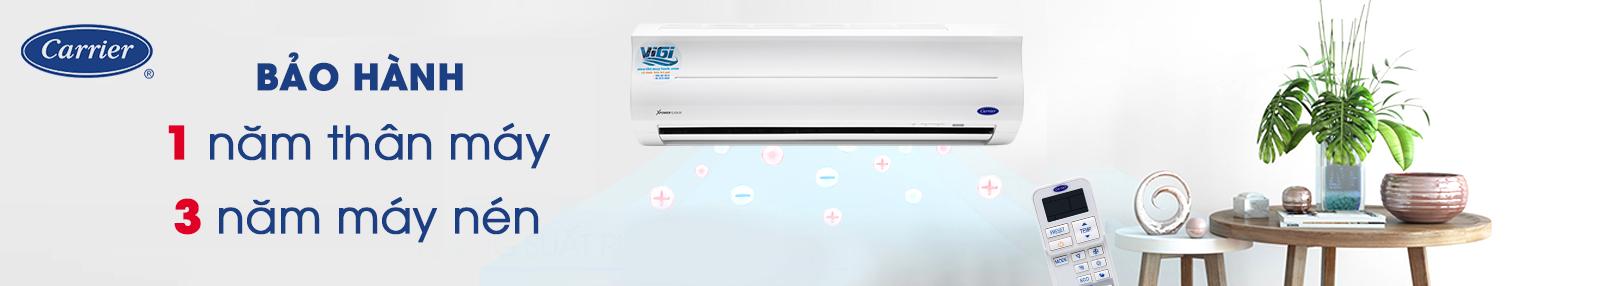 Máy lạnh Carrier - Điều hòa Carrier